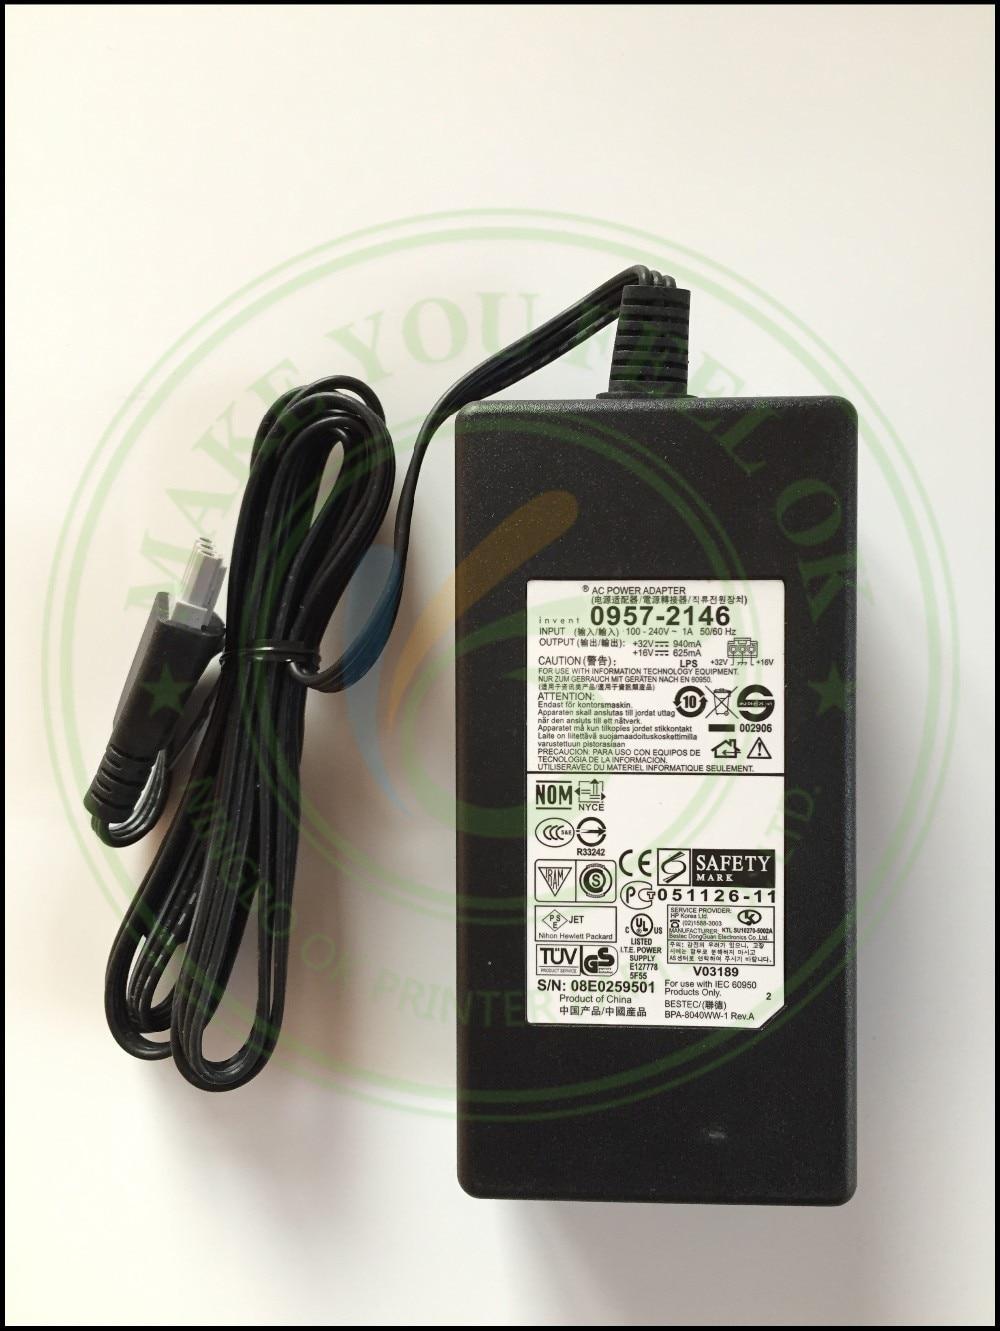 ORIGINAL NEW 0957-2178 0957-2146 0957-2166 AC Power Adapter Charger 100 - 240V 1A 50/60Hz 32V 940mA 16V 625mA For HP Printer